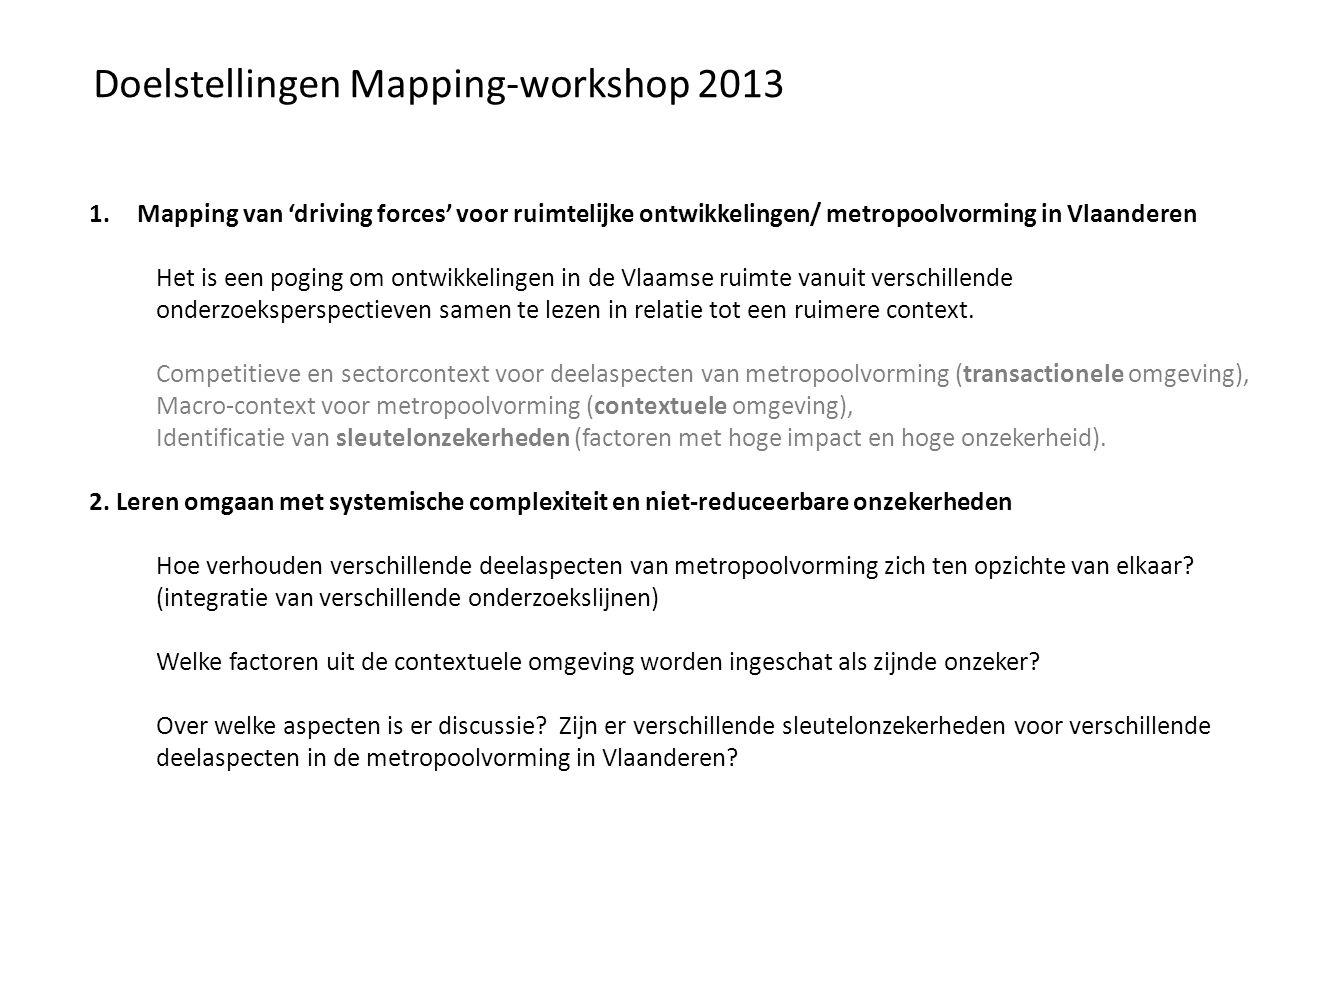 Doelstellingen Mapping-workshop 2013 1.Mapping van 'driving forces' voor ruimtelijke ontwikkelingen/ metropoolvorming in Vlaanderen Het is een poging om ontwikkelingen in de Vlaamse ruimte vanuit verschillende onderzoeksperspectieven samen te lezen in relatie tot een ruimere context.